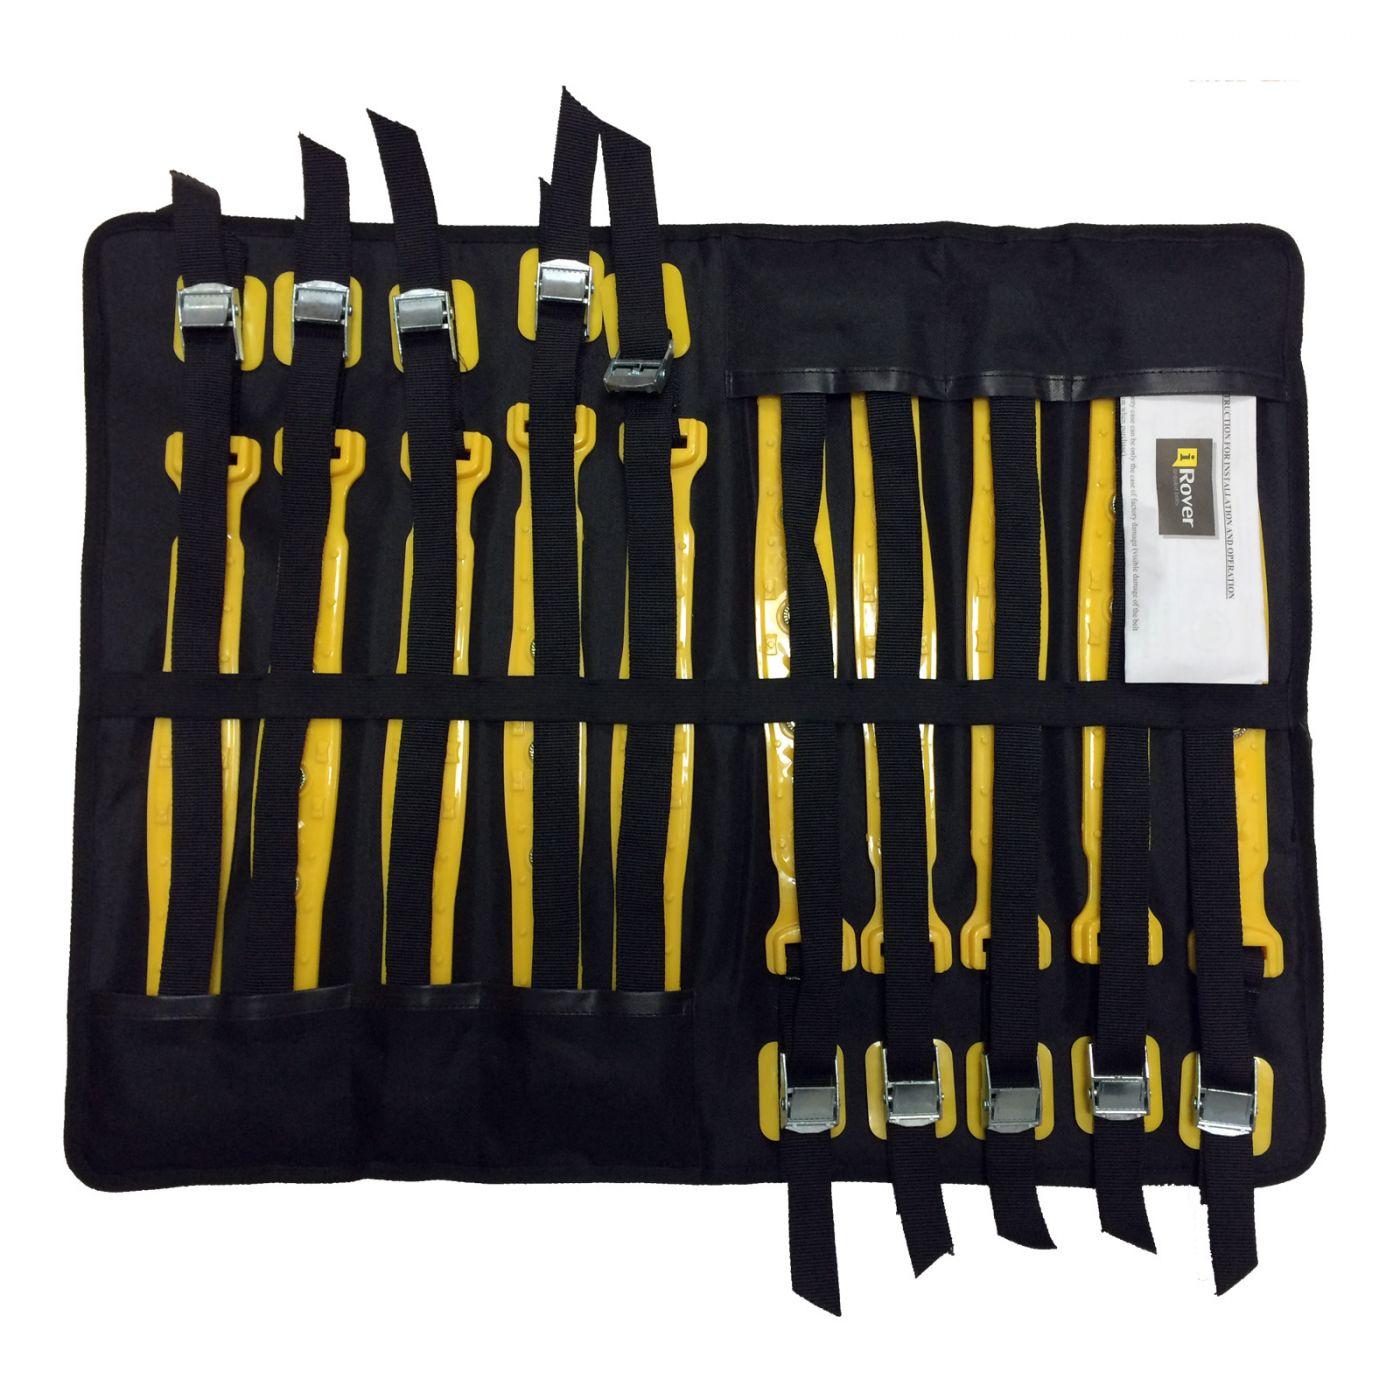 iRover  Ремень противоскольжения (полиуретан с шипами) комплект 10 шт. желтый